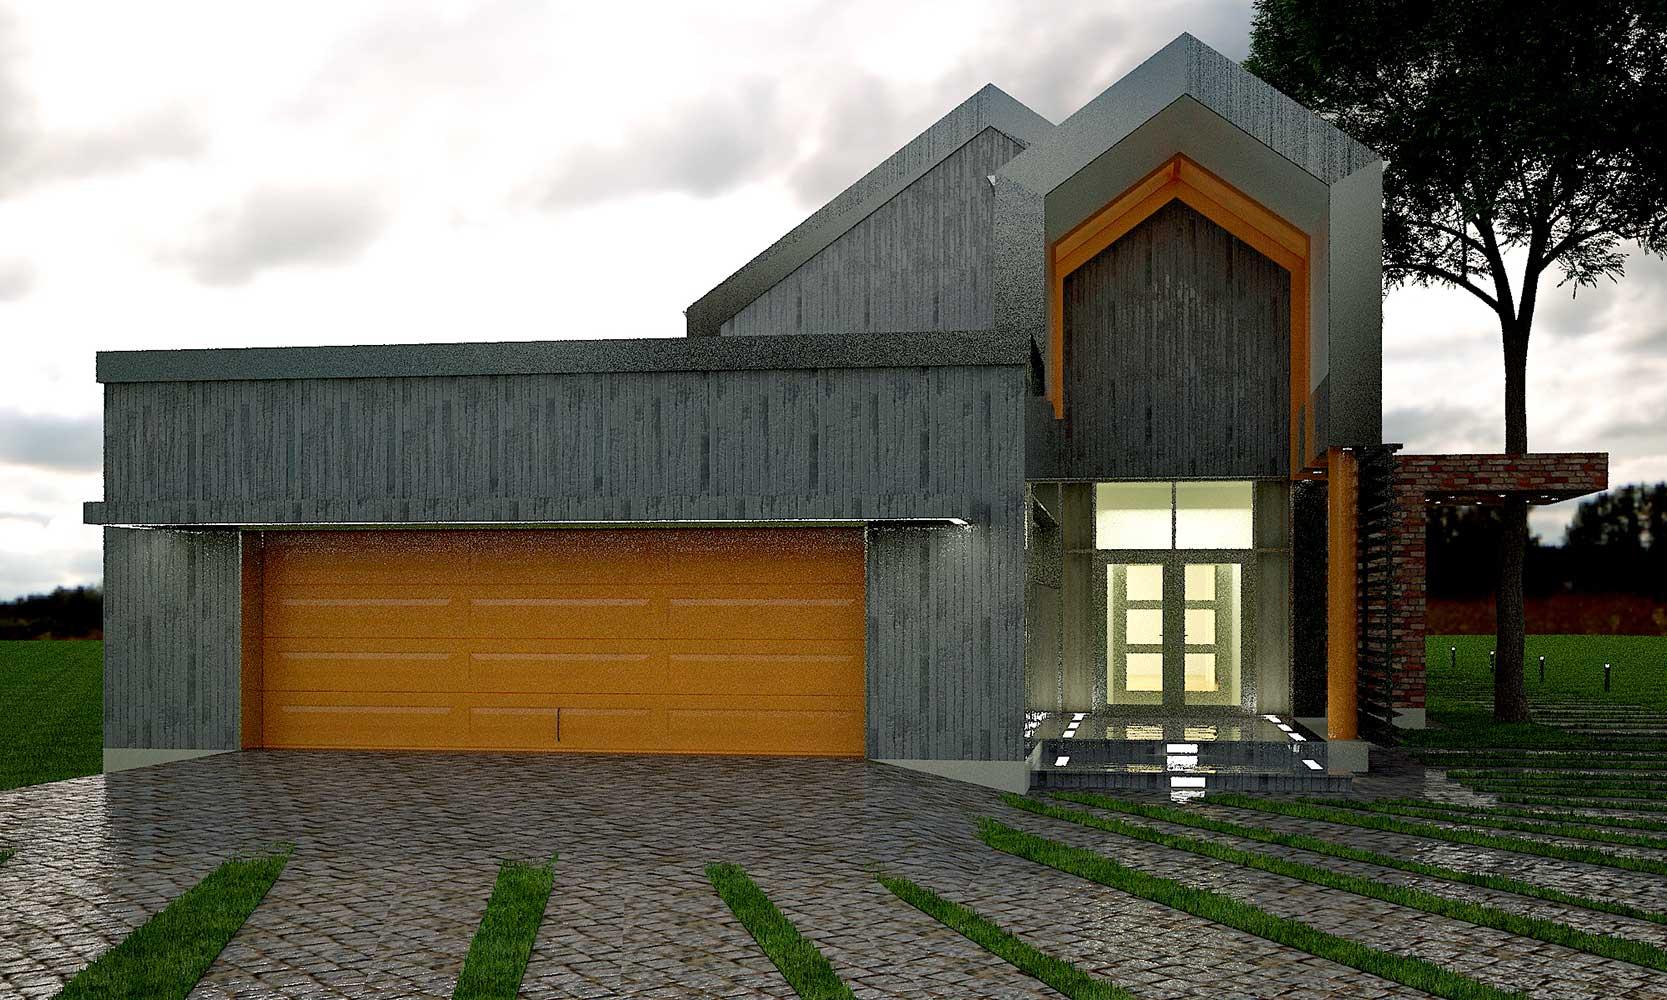 Проектное предложение индивидуального жилого дома (фото 6)